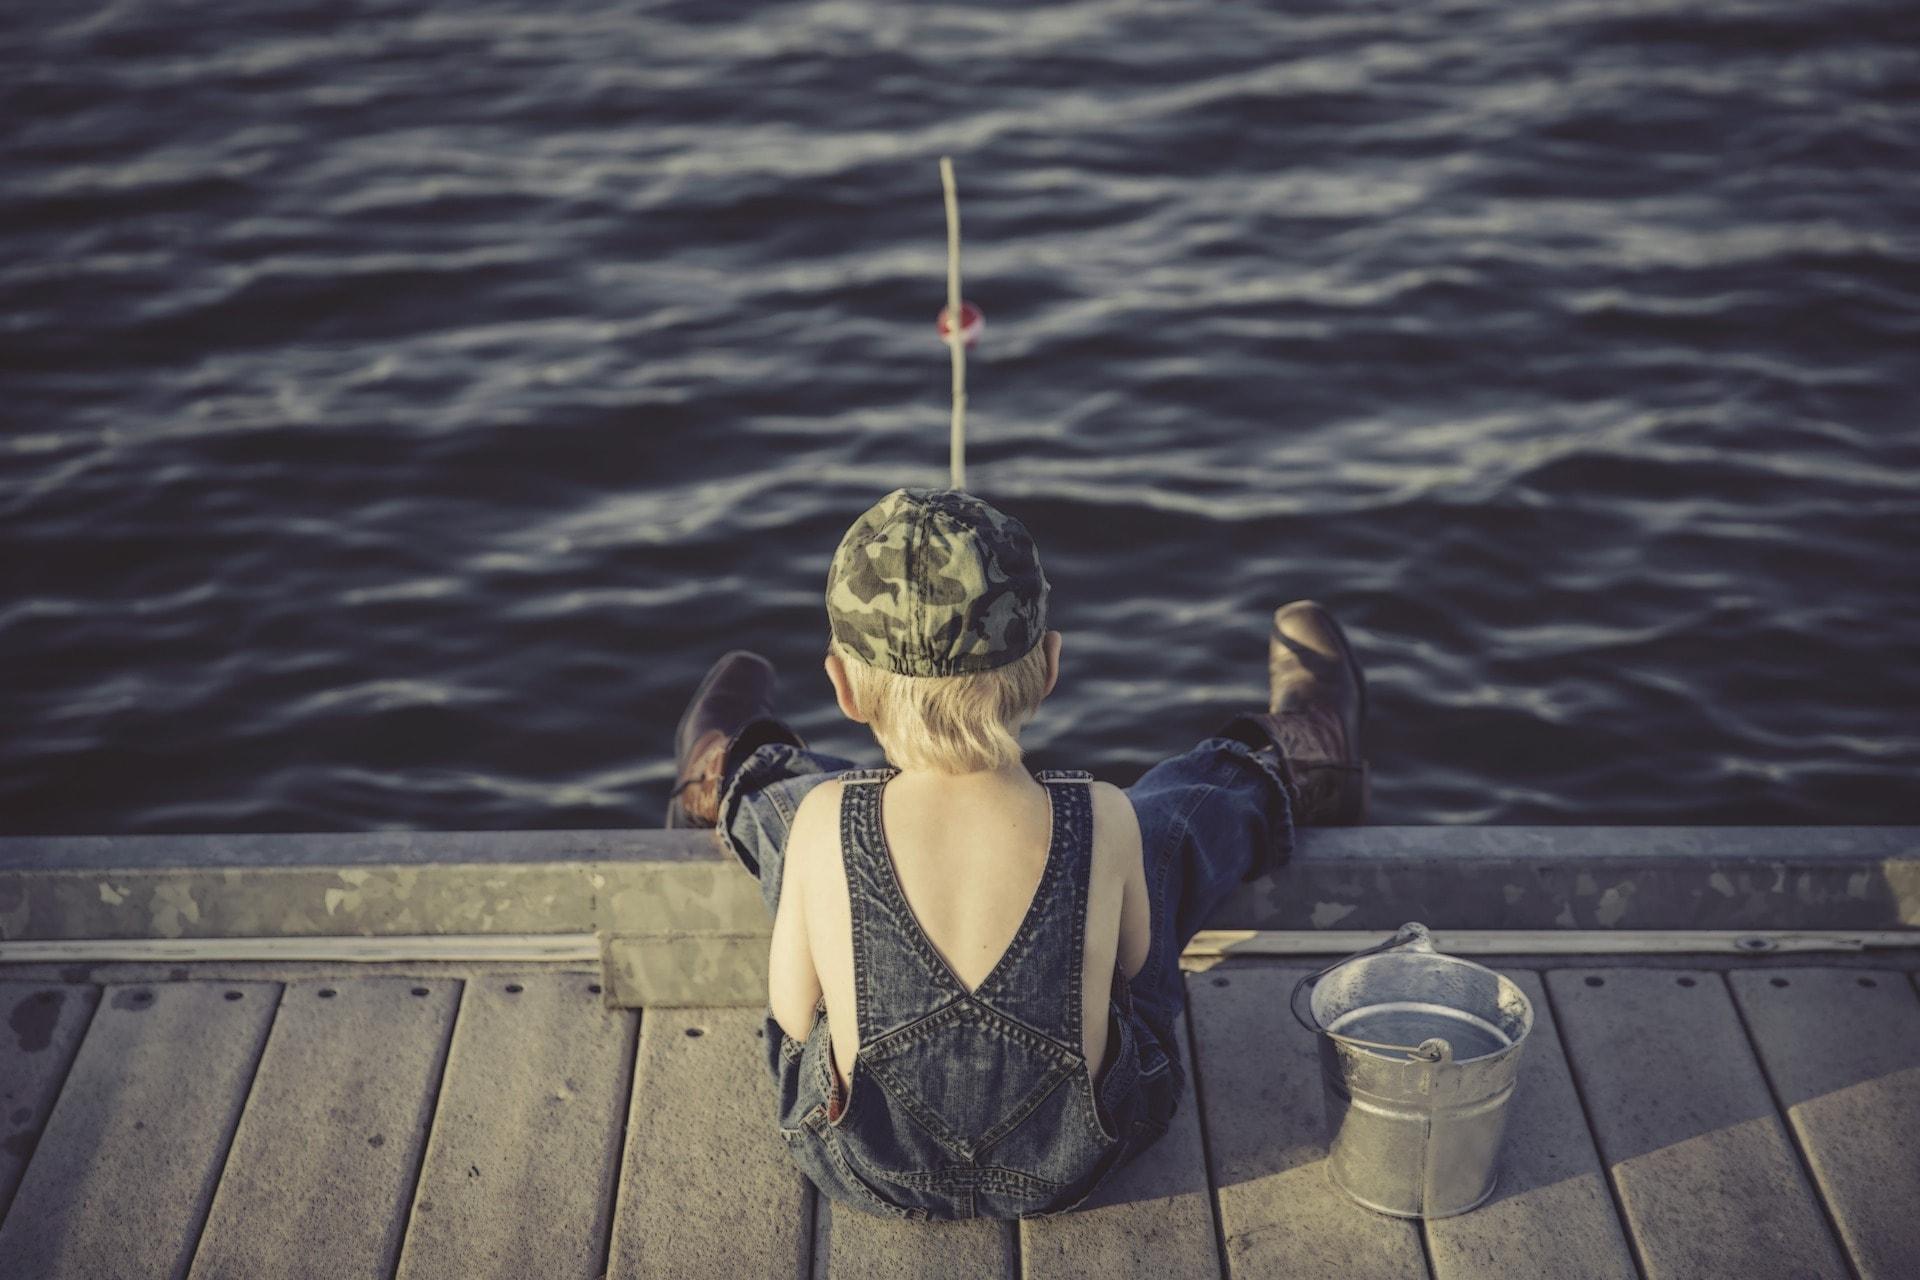 La saison de la pêche à la Dodaine reprend bientôt !